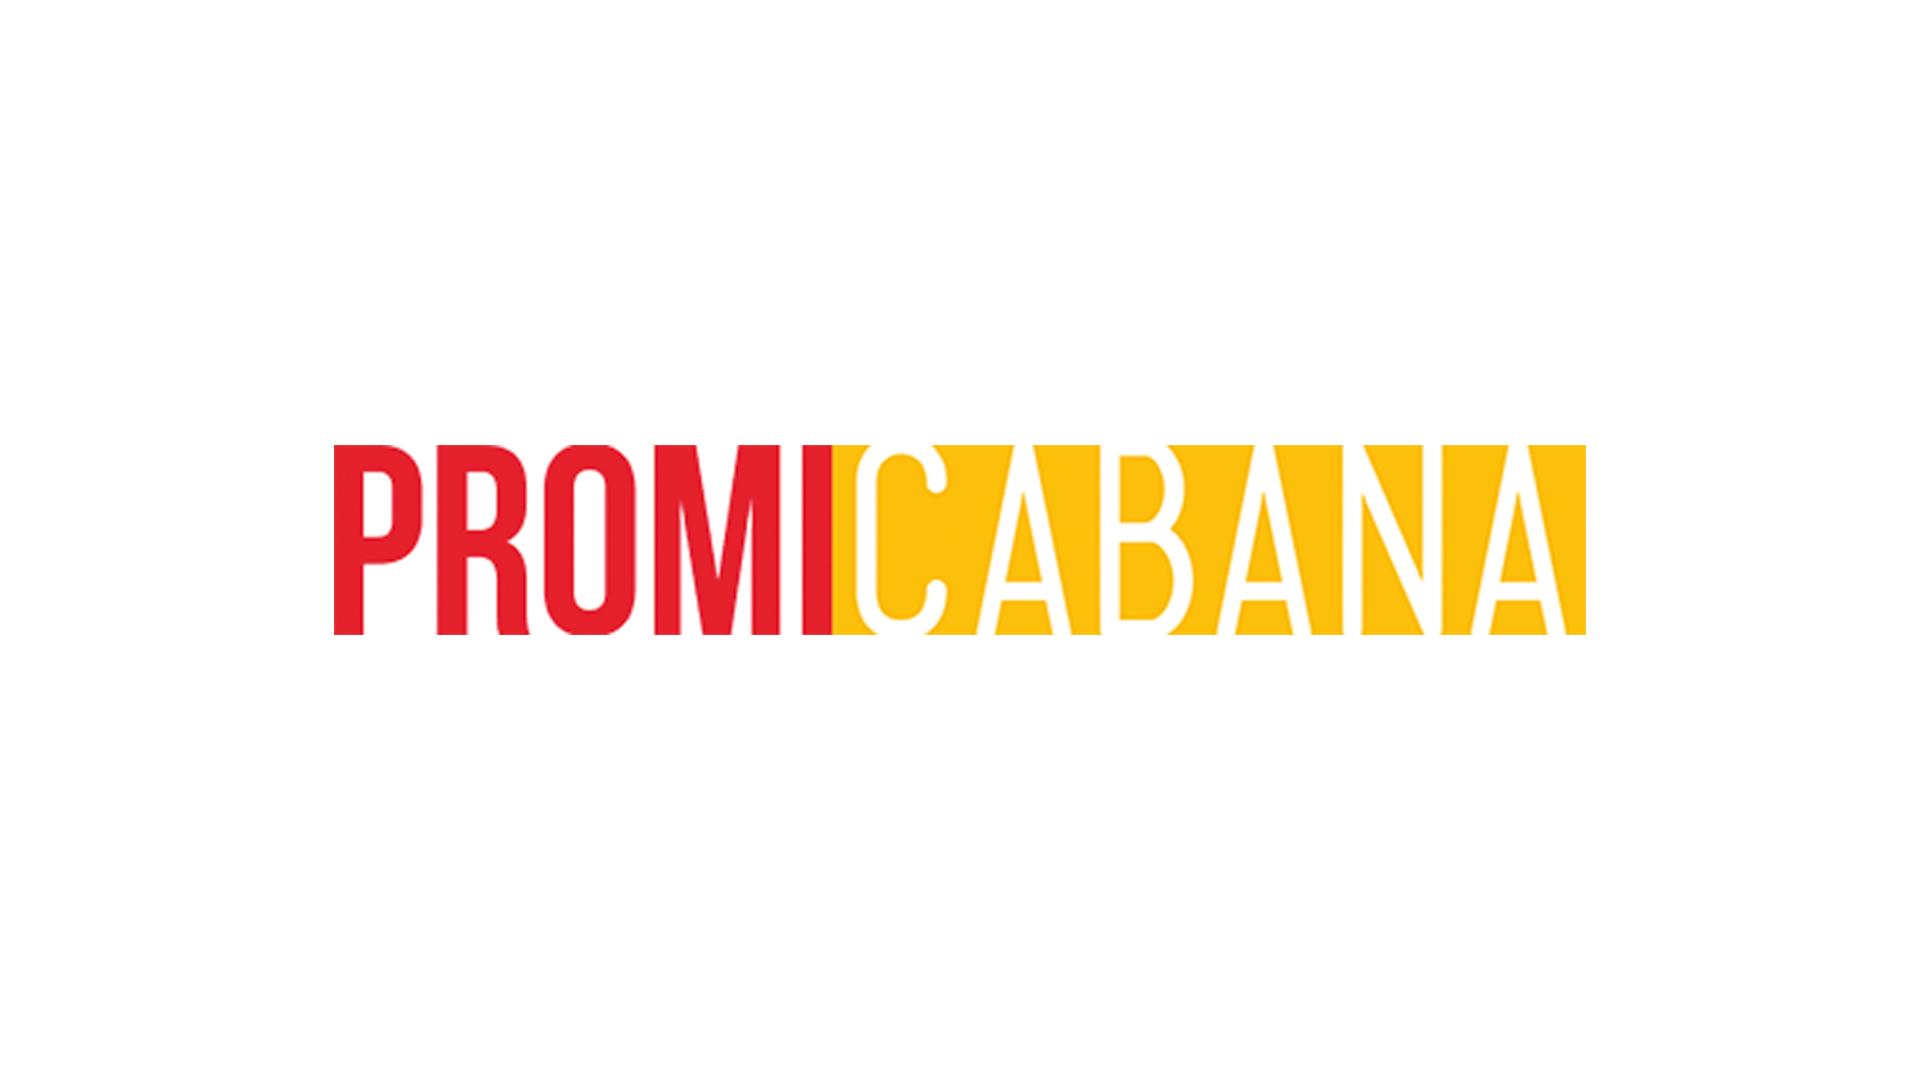 Justin-Bieber-Selena-Gomez-Date-Mai-2015